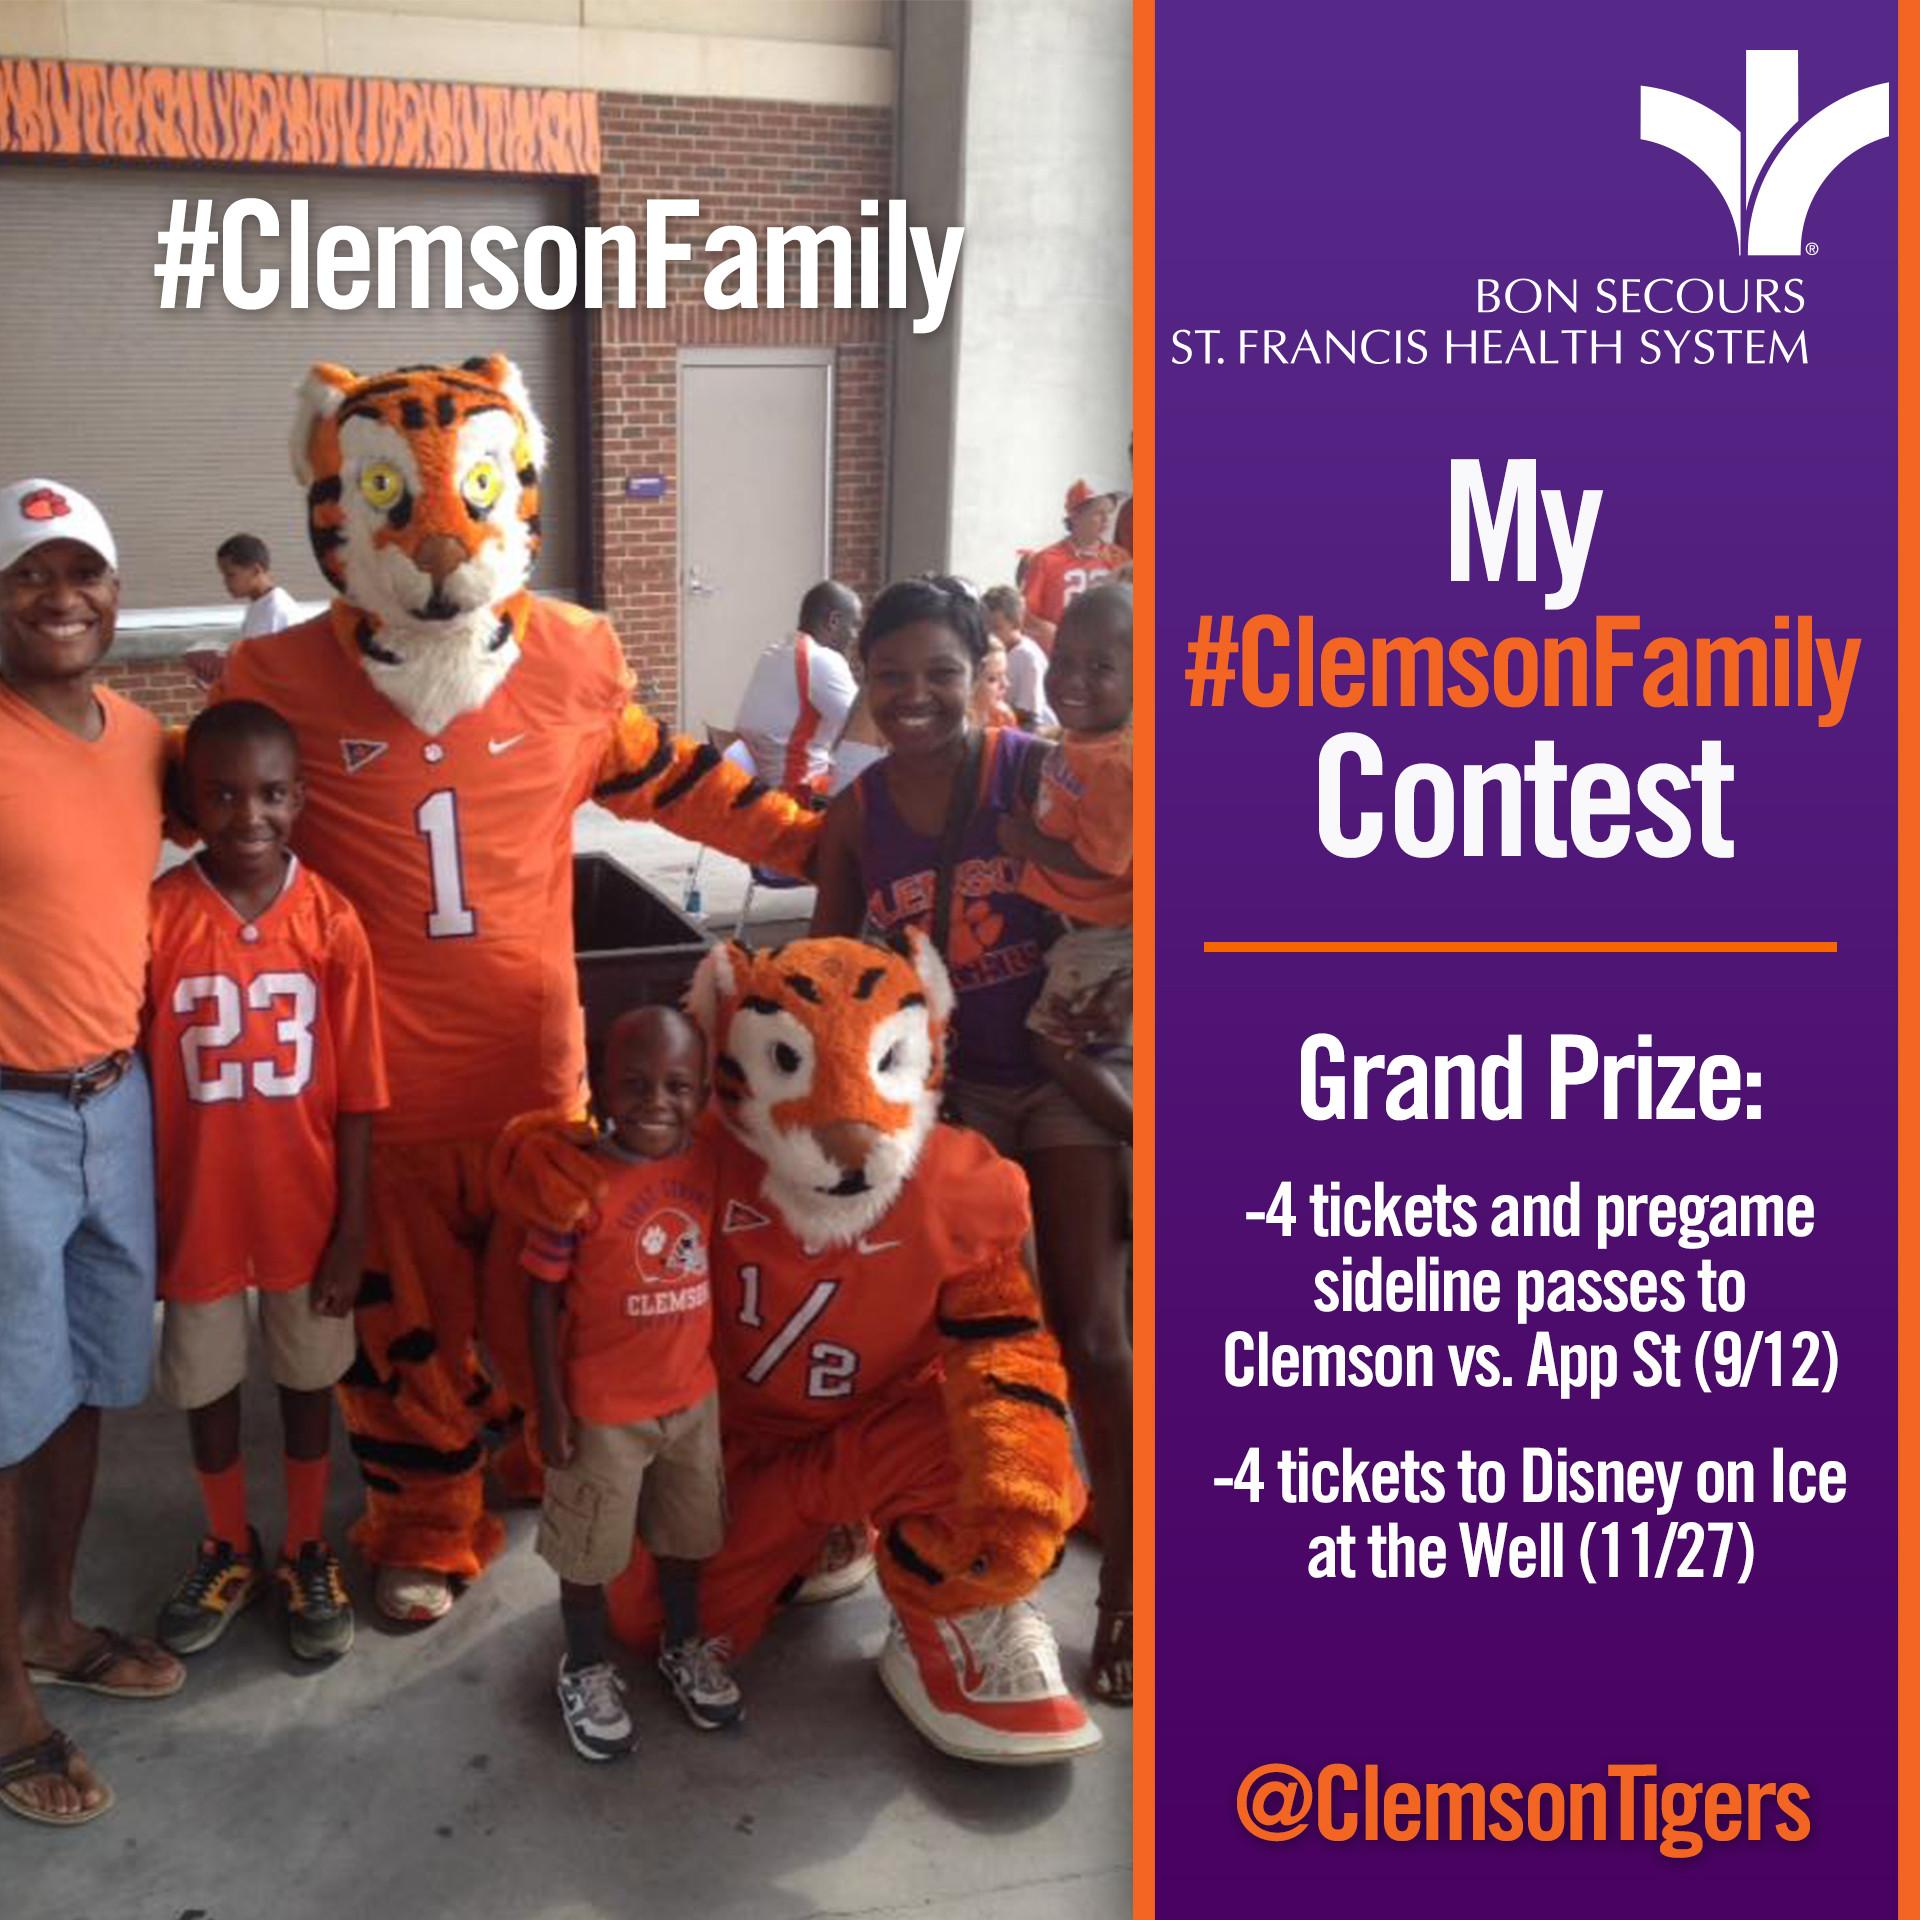 2015 My #ClemsonFamily Contest